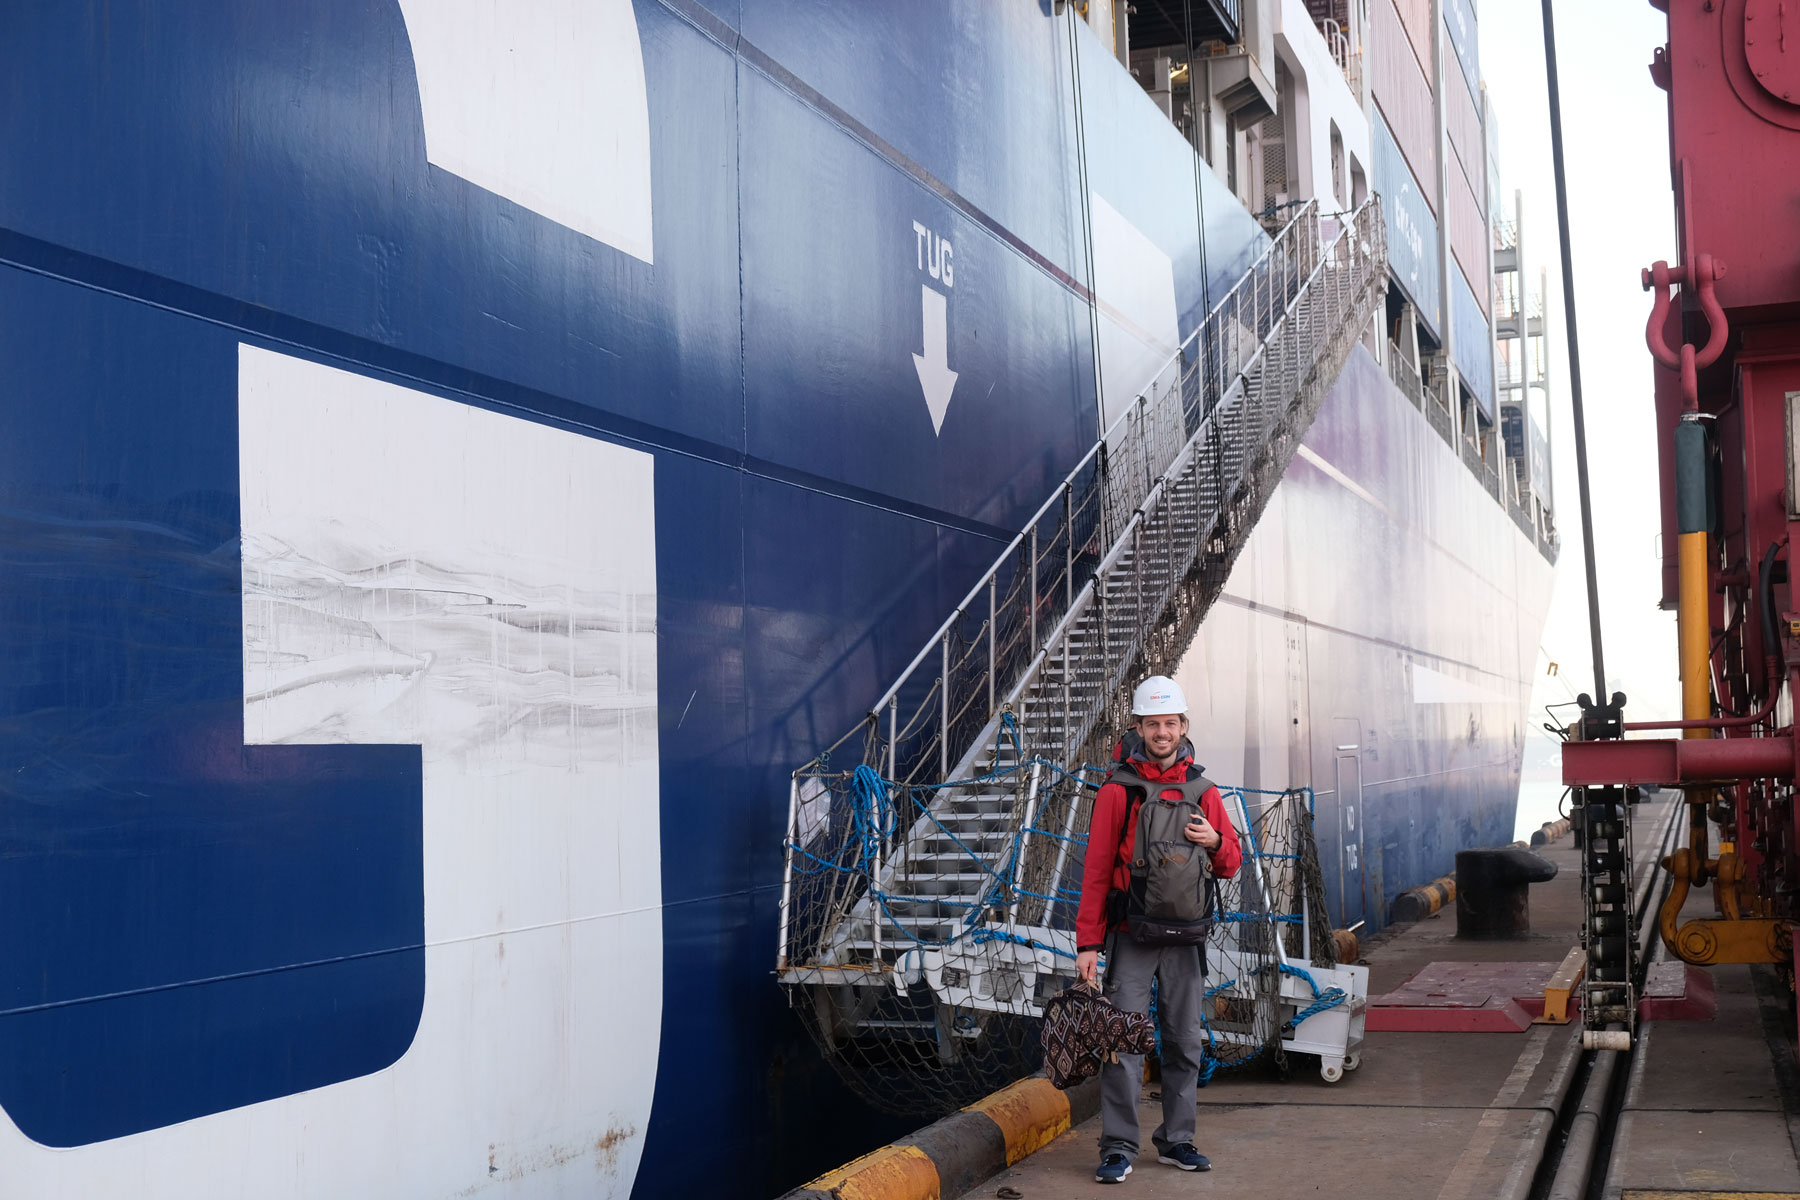 Sebastian am Hafen von Qingdao neben der Gangway eines Containerschiffs.